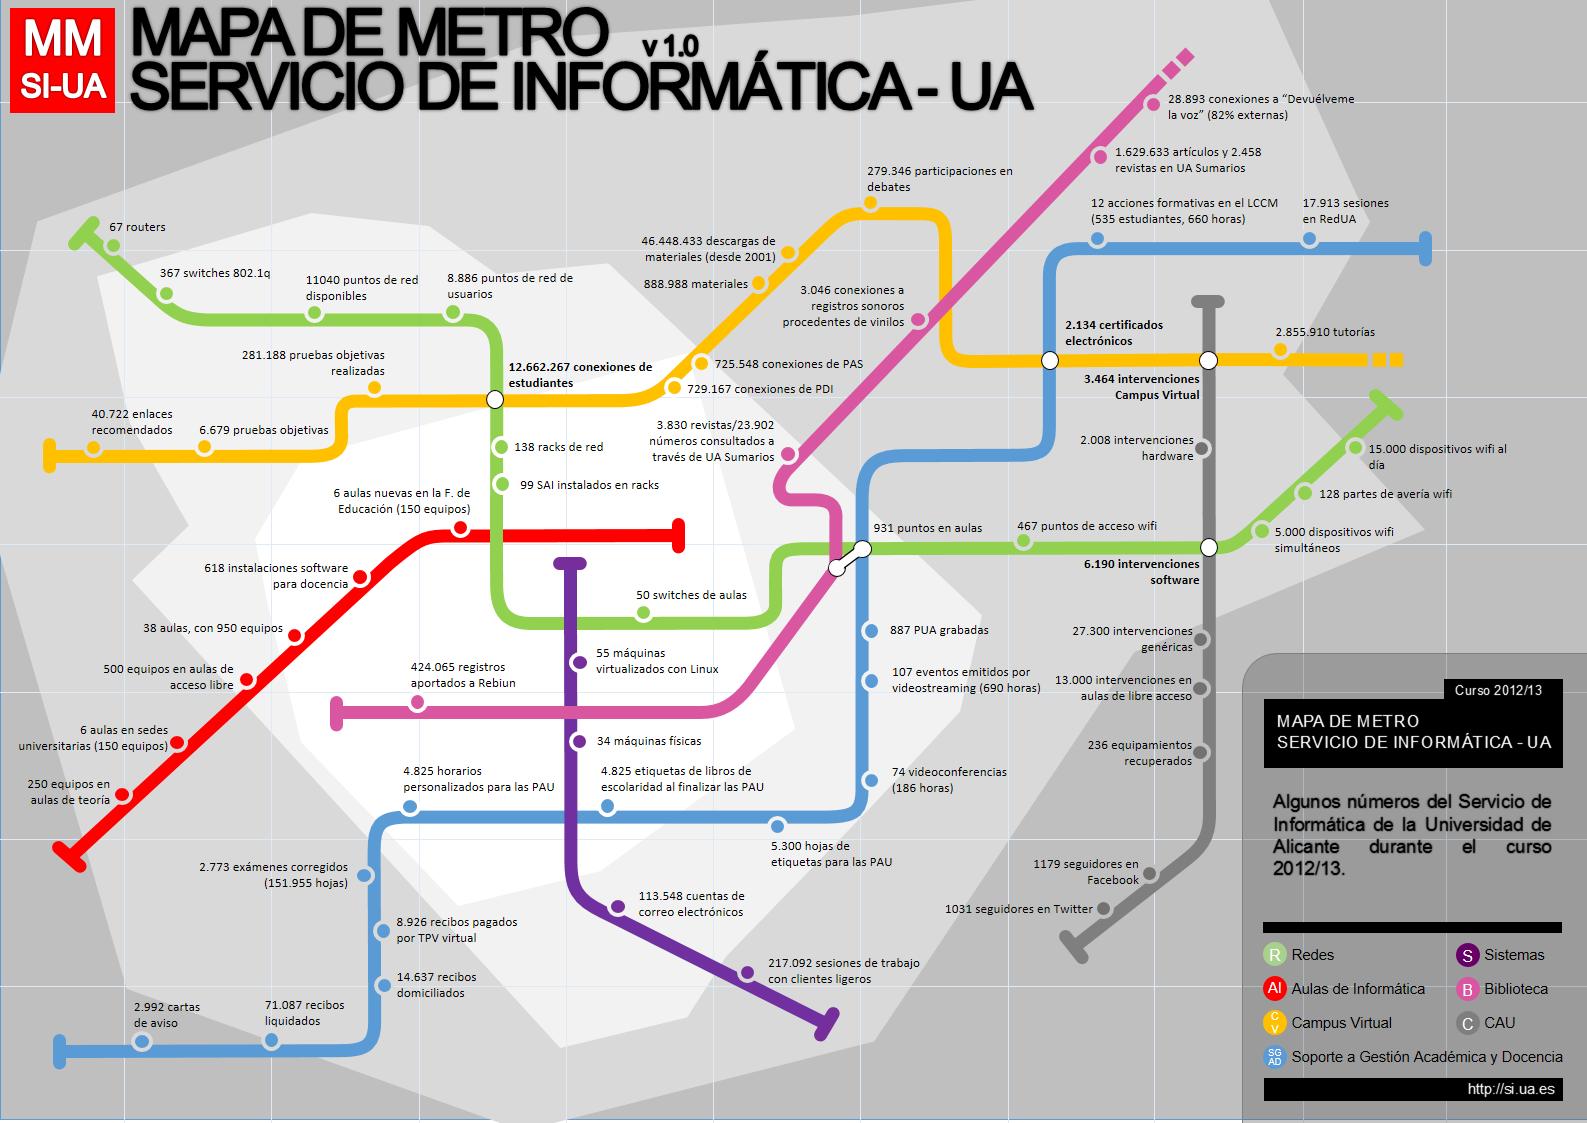 Mapa-de-metro-SI-Curso-2012-13